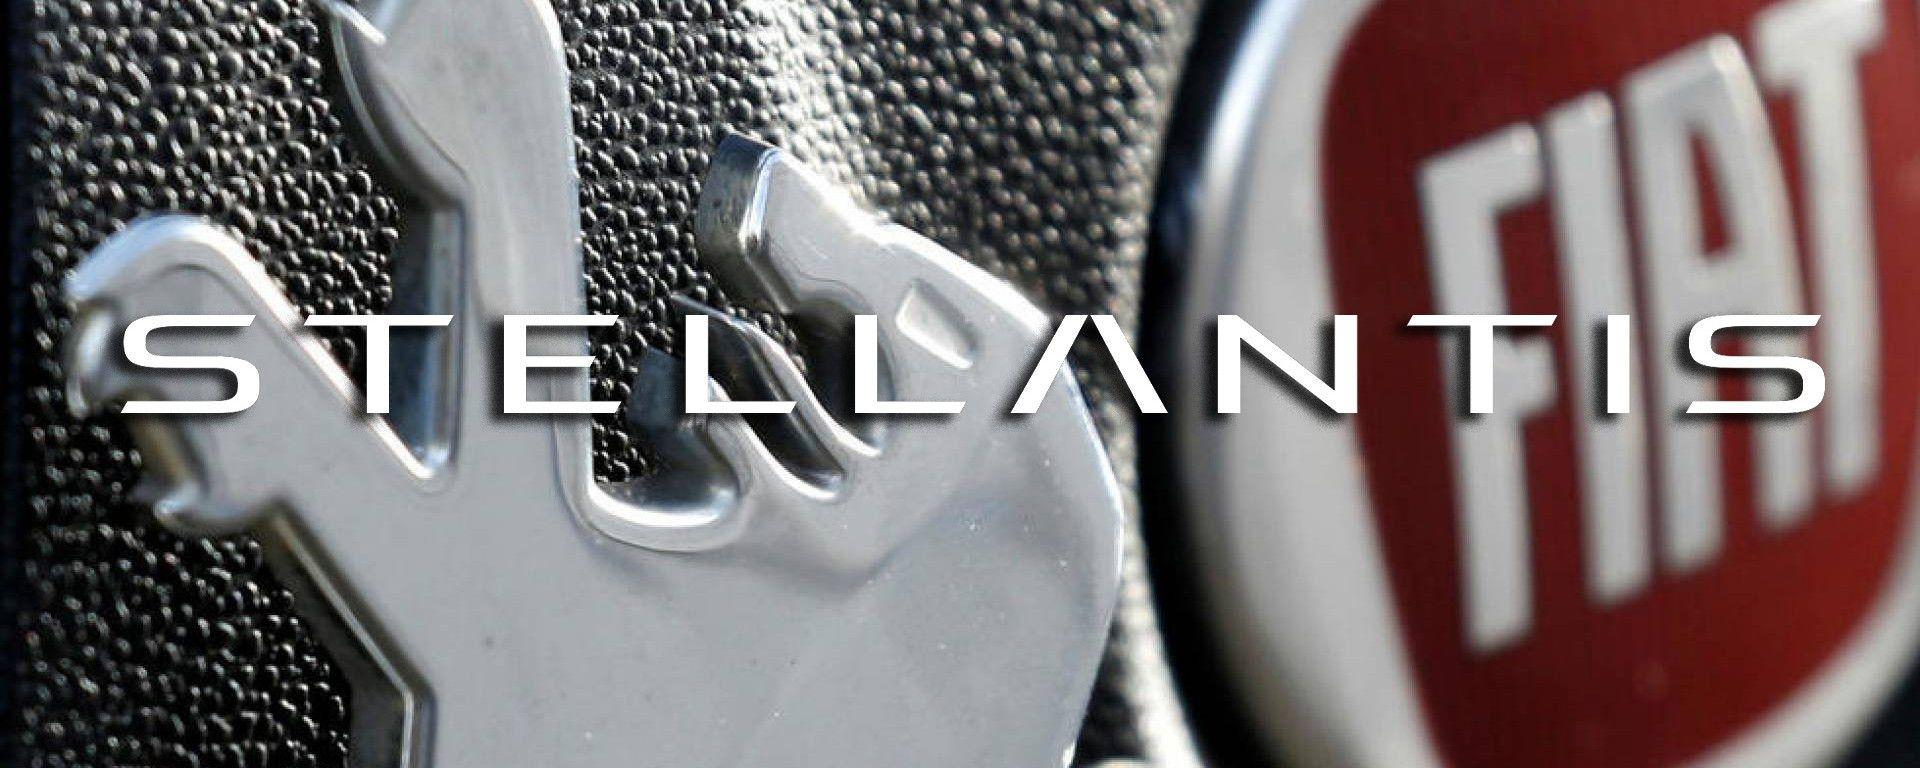 Stellantis: il nome della nuova holding che fonde FCA e PSA